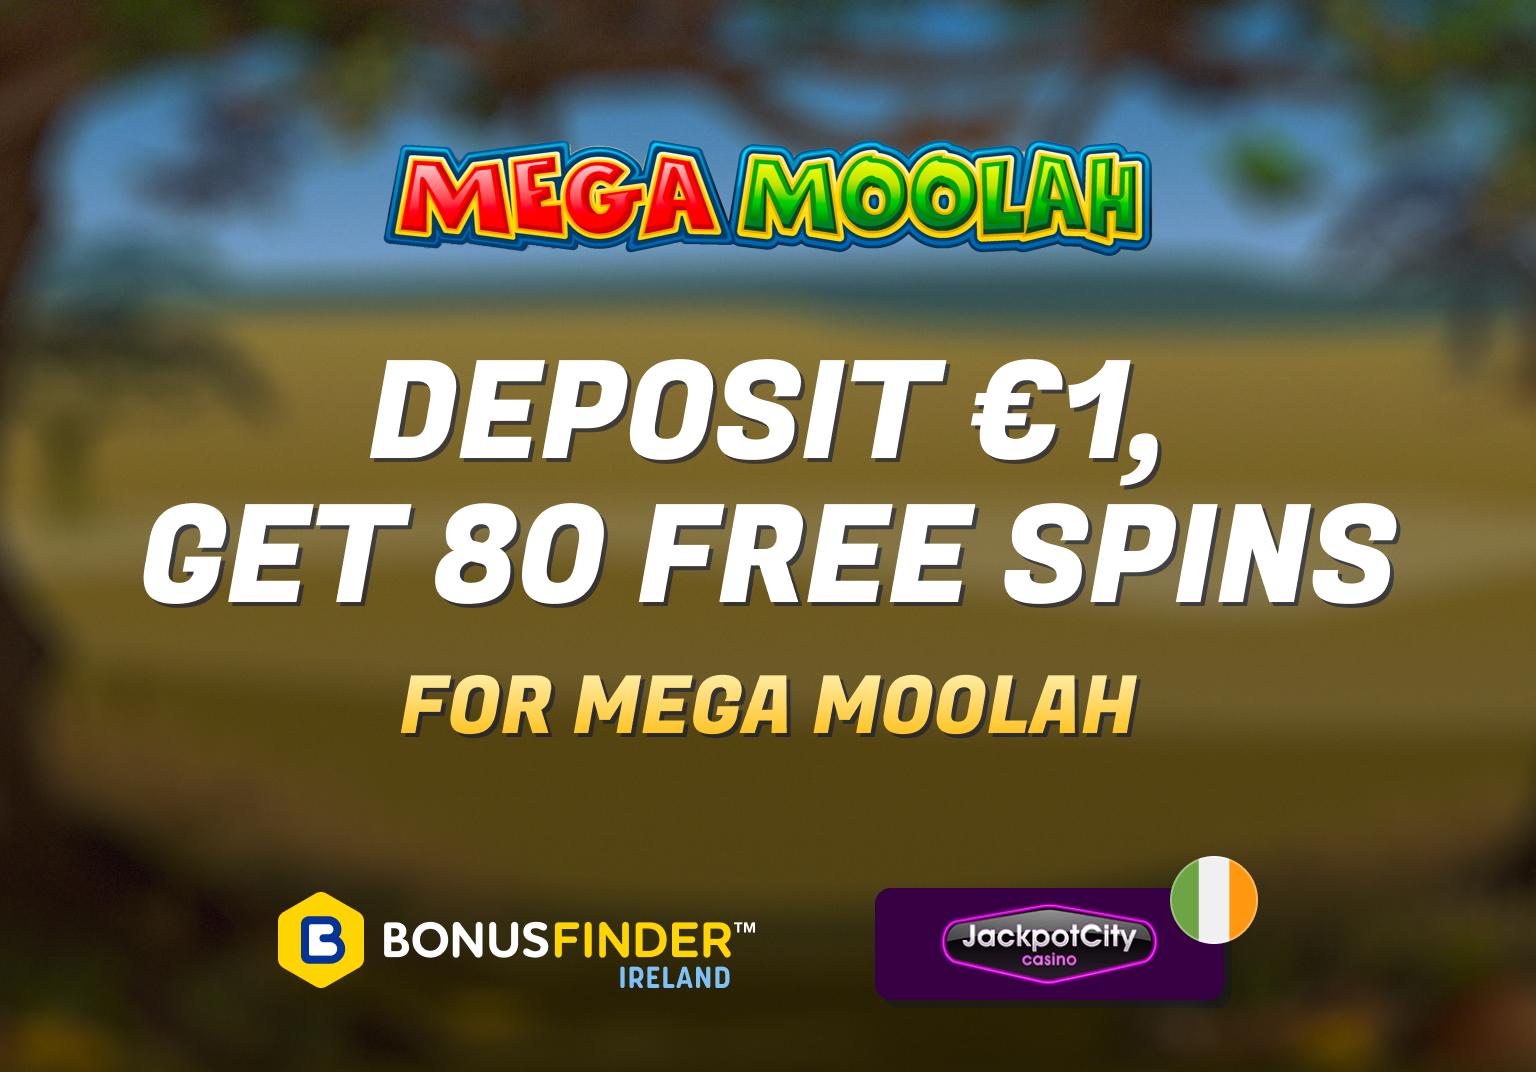 mega moolah 80 free spins bonus